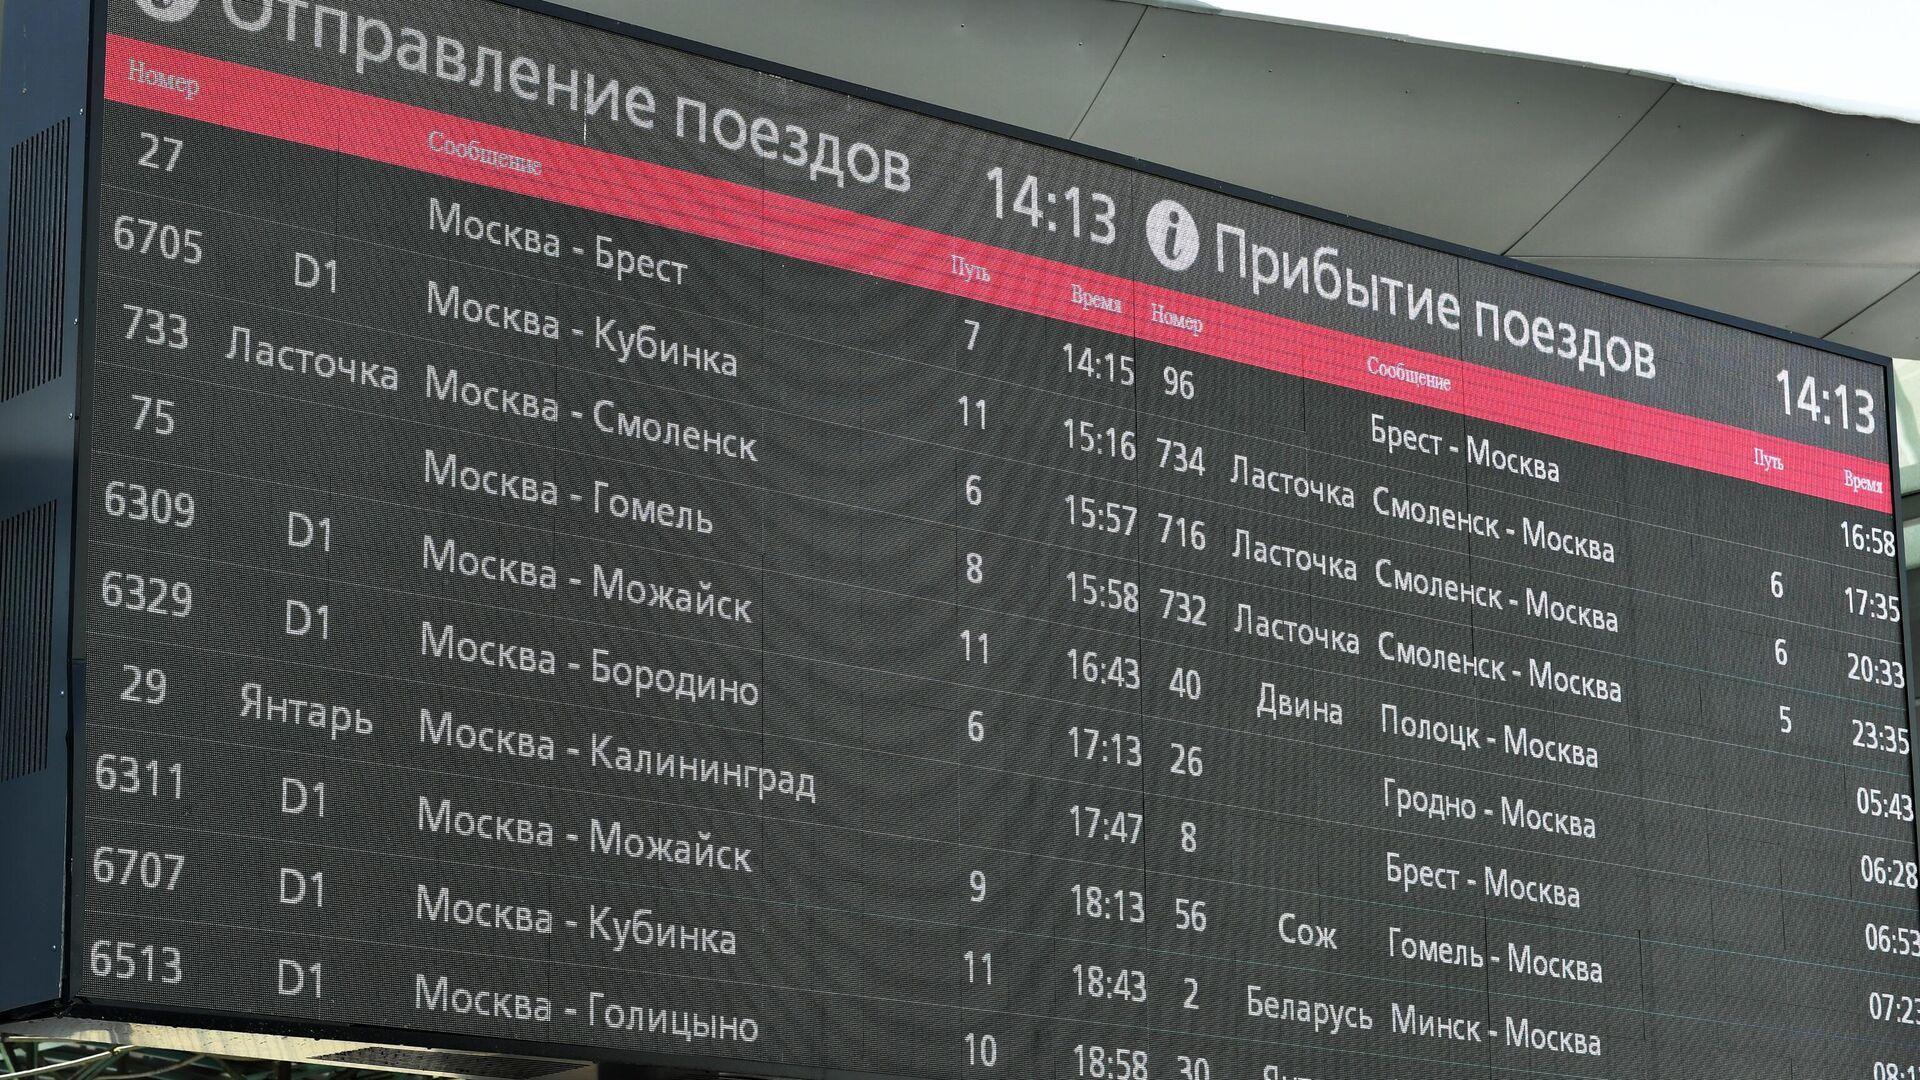 Табло с расписанием движения поездов на Белорусском вокзале в Москве - РИА Новости, 1920, 04.02.2021